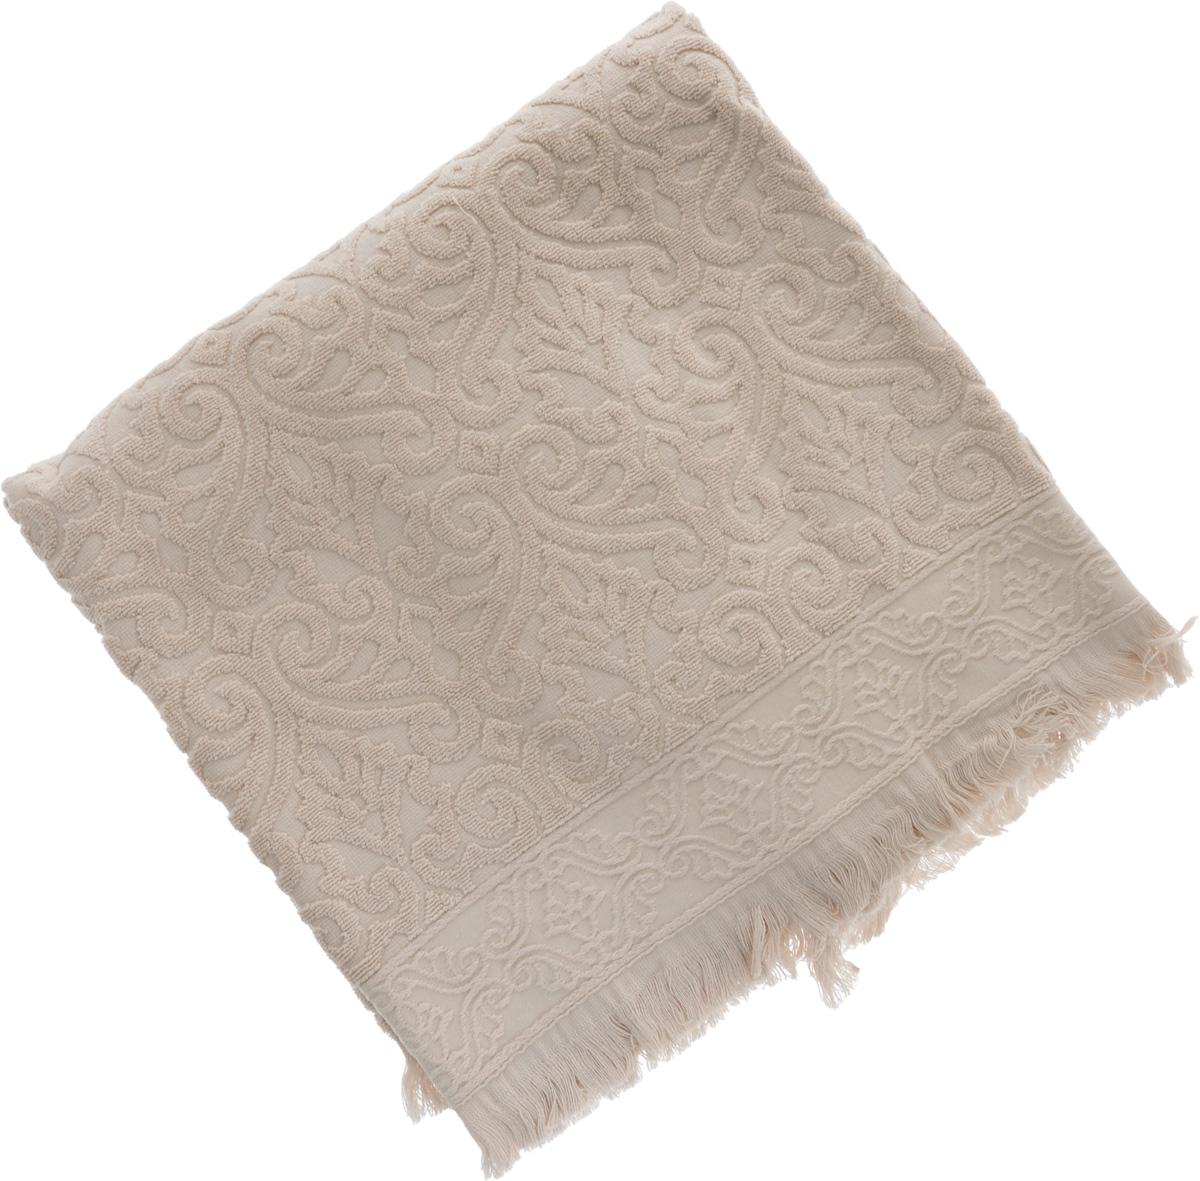 Полотенце махровое Issimo Home Tarren, цвет: бежевый, 90 x 150 см4957Полотенце Issimo Home Tarren выполнено из 100% хлопка с махровым рельефным узором. Изделие отлично впитывает влагу, быстро сохнет и не теряет форму даже после многократных стирок. Рекомендации по уходу: - режим стирки при 40°C, - допускается обычная химчистка, - отбеливание запрещено, - глажка при температуре подошвы утюга до 110°С, - барабанный отжим запрещен. Размер полотенца: 90 х 150 см.